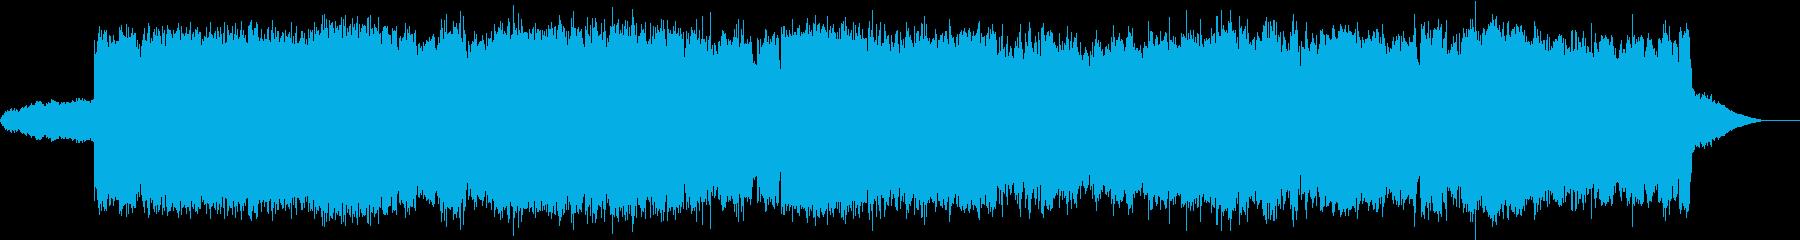 【生録音】ドリルの音 4 歯医者 工事の再生済みの波形